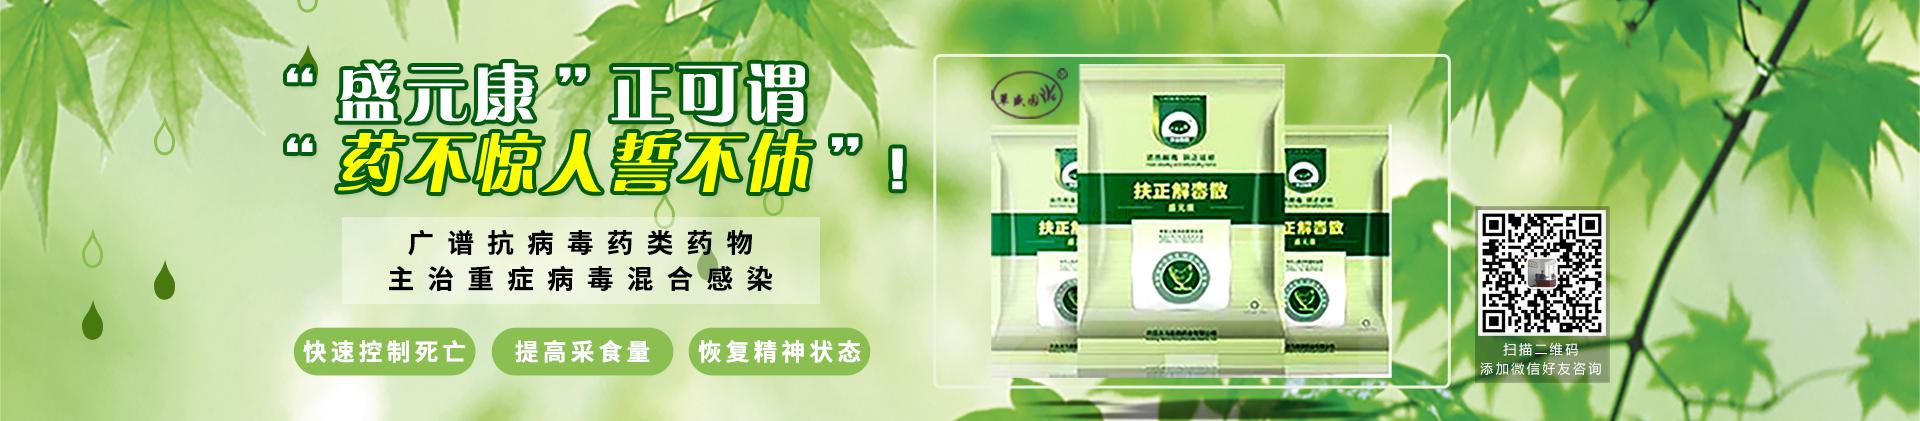 许昌天马集团(草盛园)药业有限公司